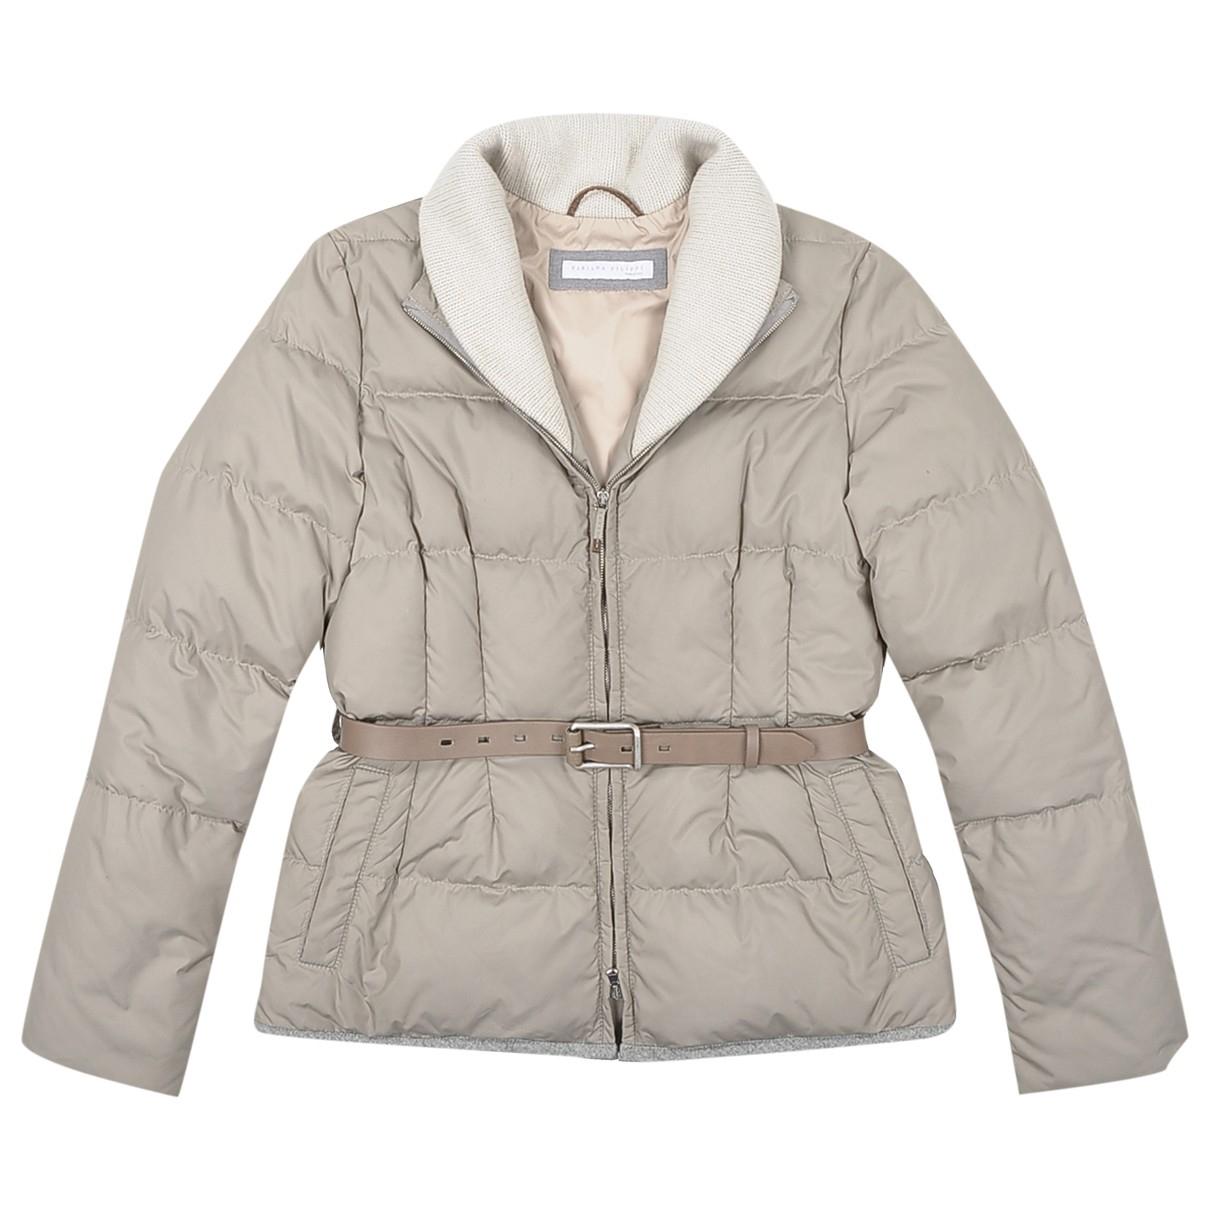 Fabiana Filippi \N Beige coat for Women 40 IT